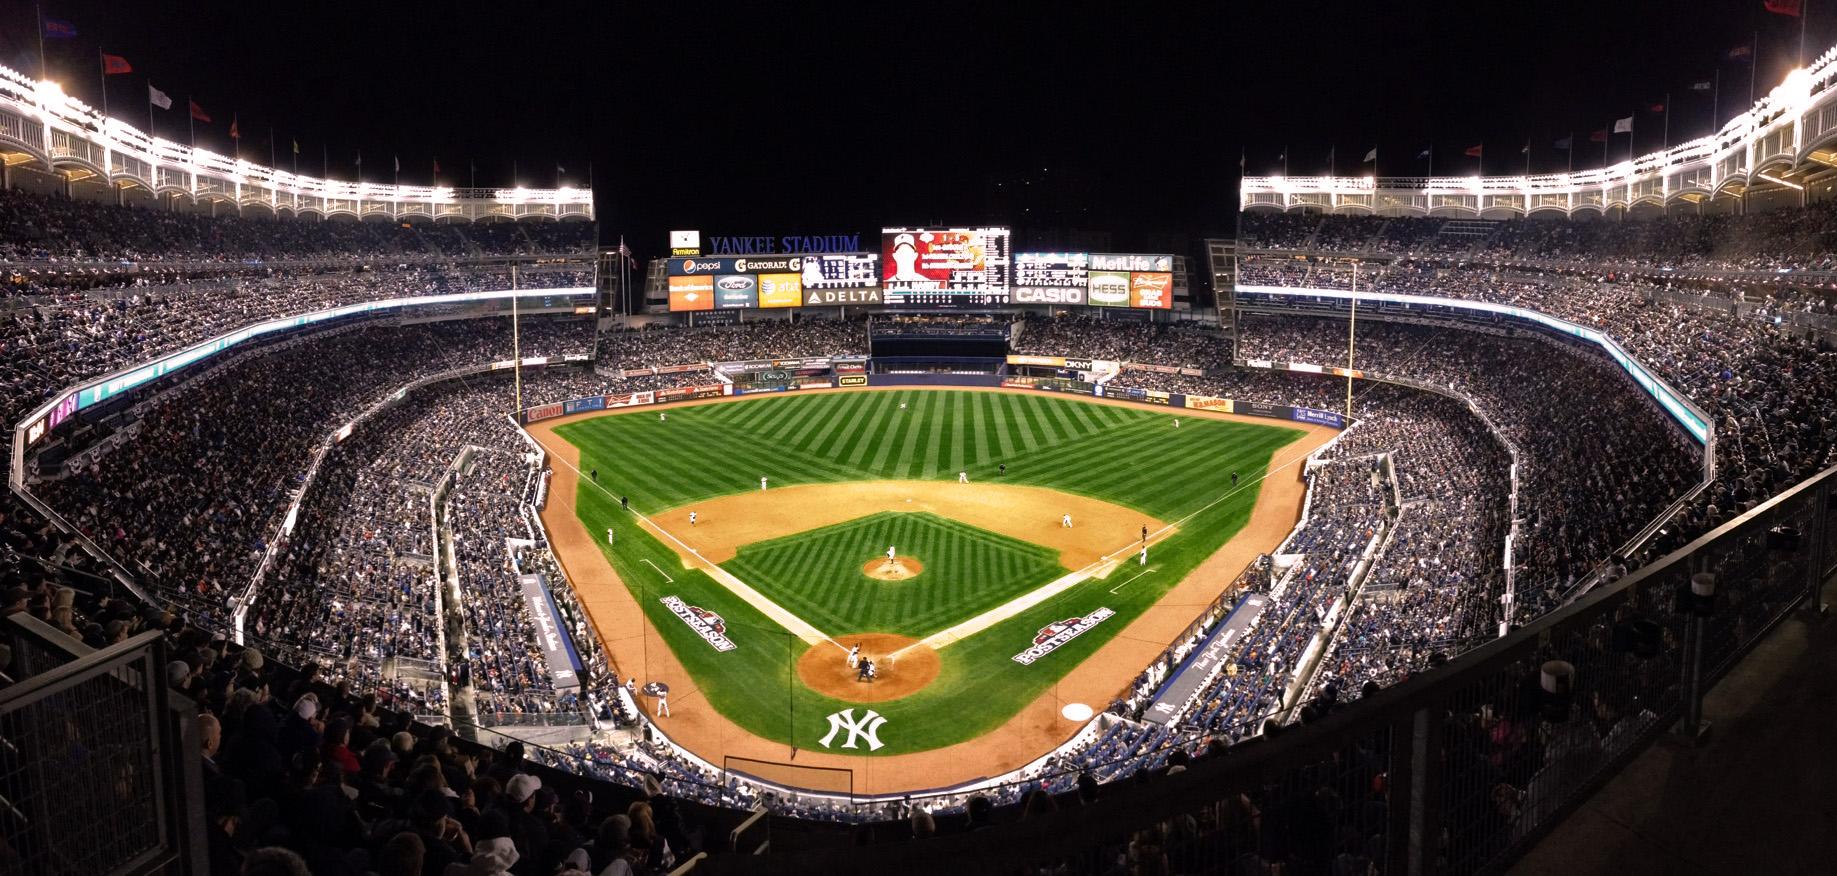 Yankee Stadium 1837x876